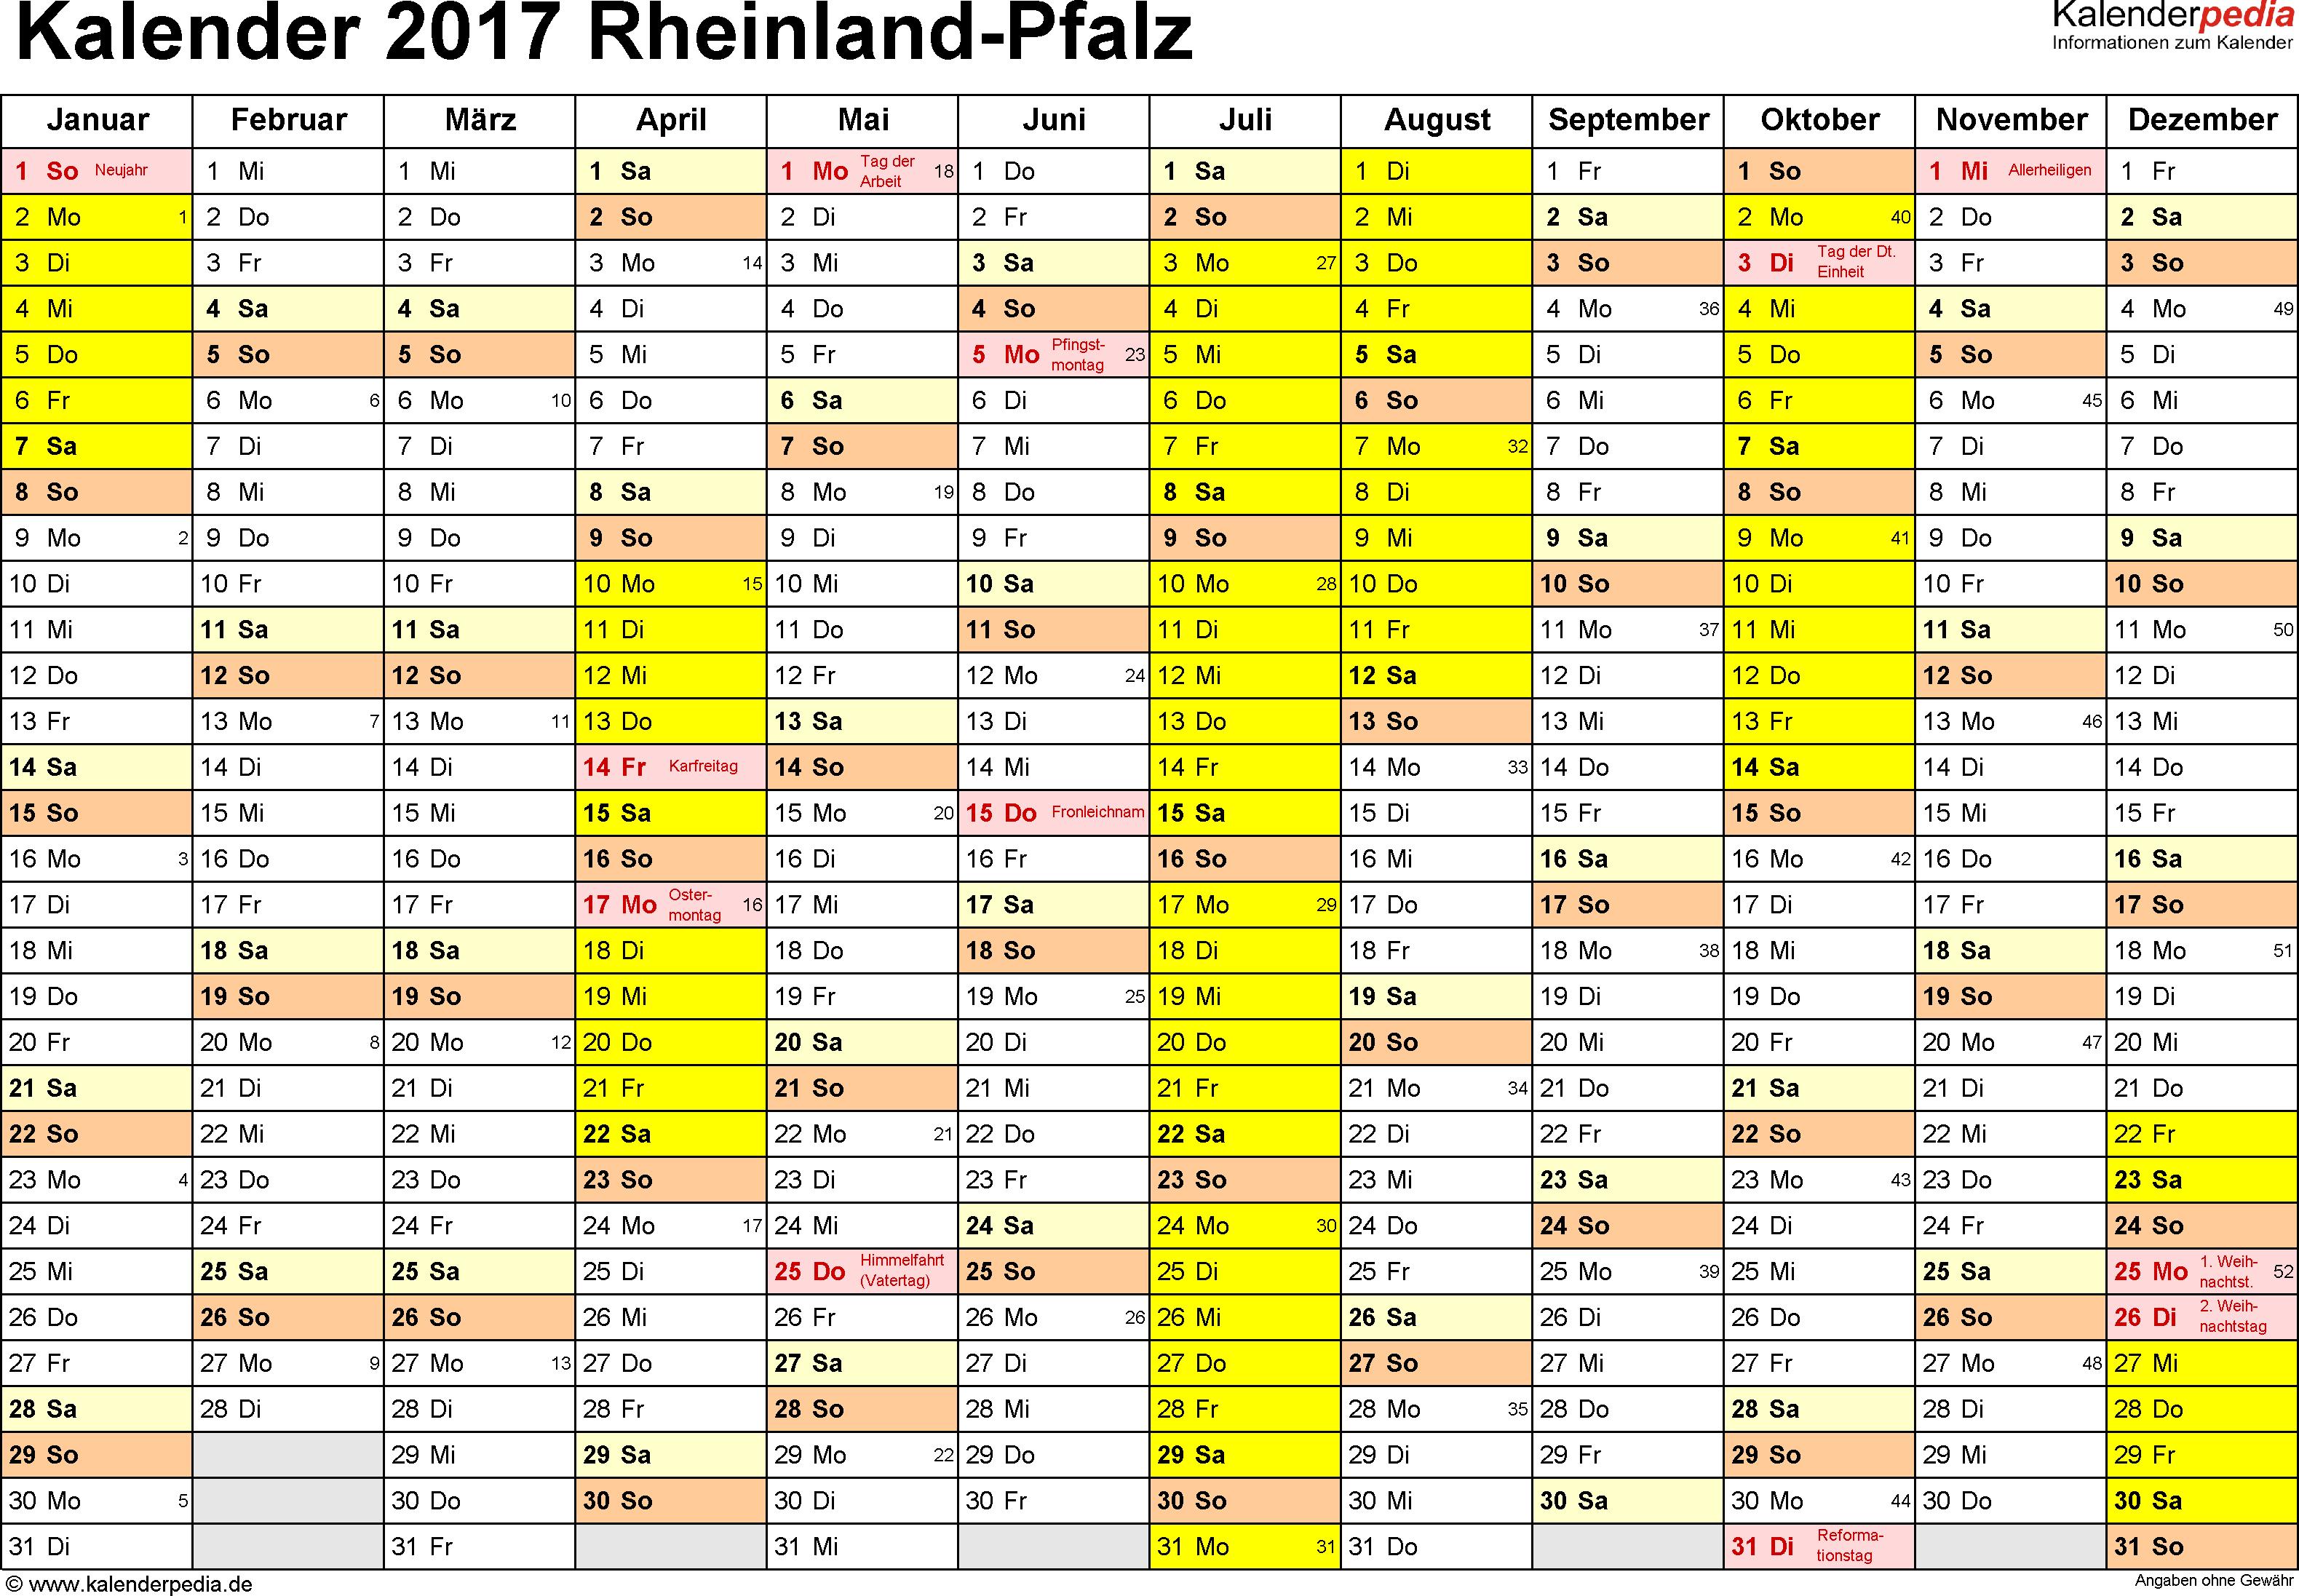 Vorlage 1: Kalender 2017 für Rheinland-Pfalz als PDF-Vorlage (Querformat, 1 Seite)